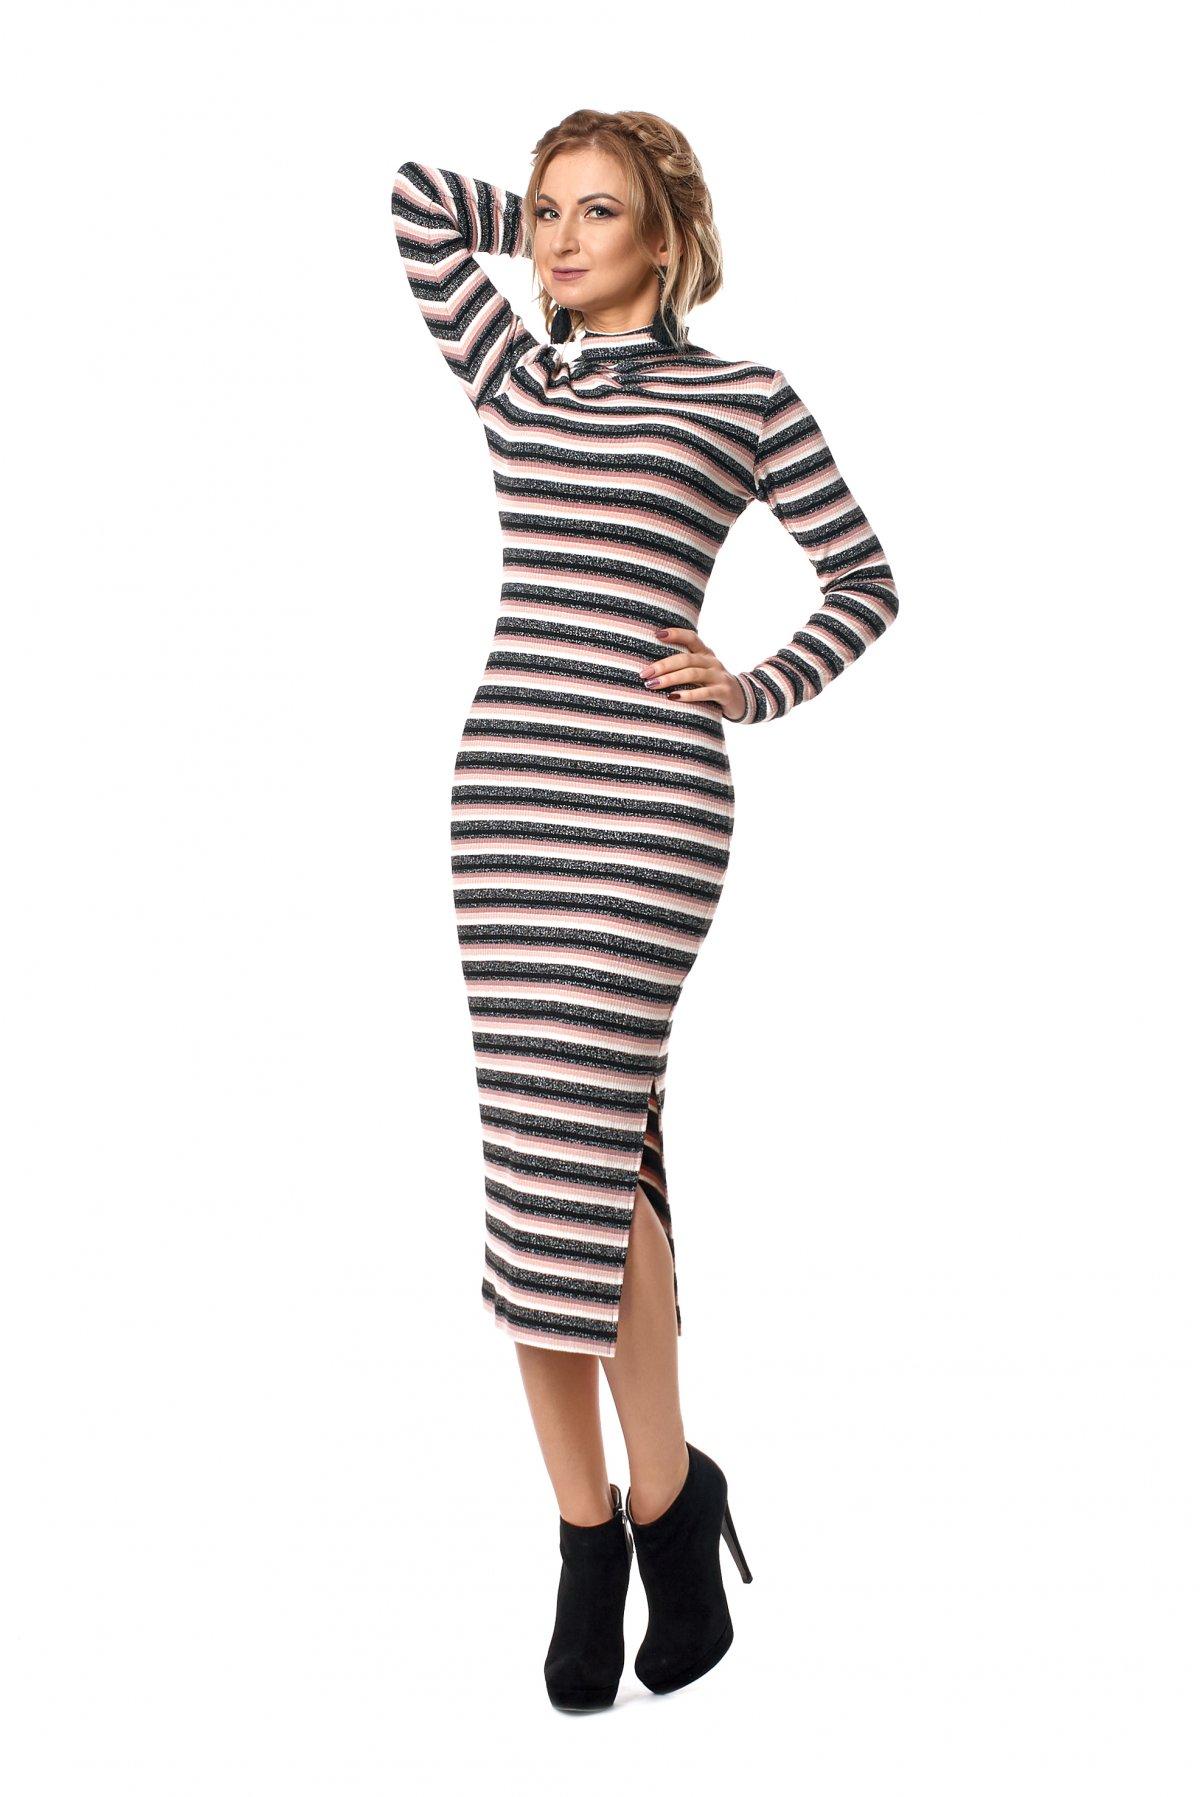 b1cc01dee6a8f1 Жіноче трикотажне плаття в смужку 1028 - Товари - Купити стильні ...